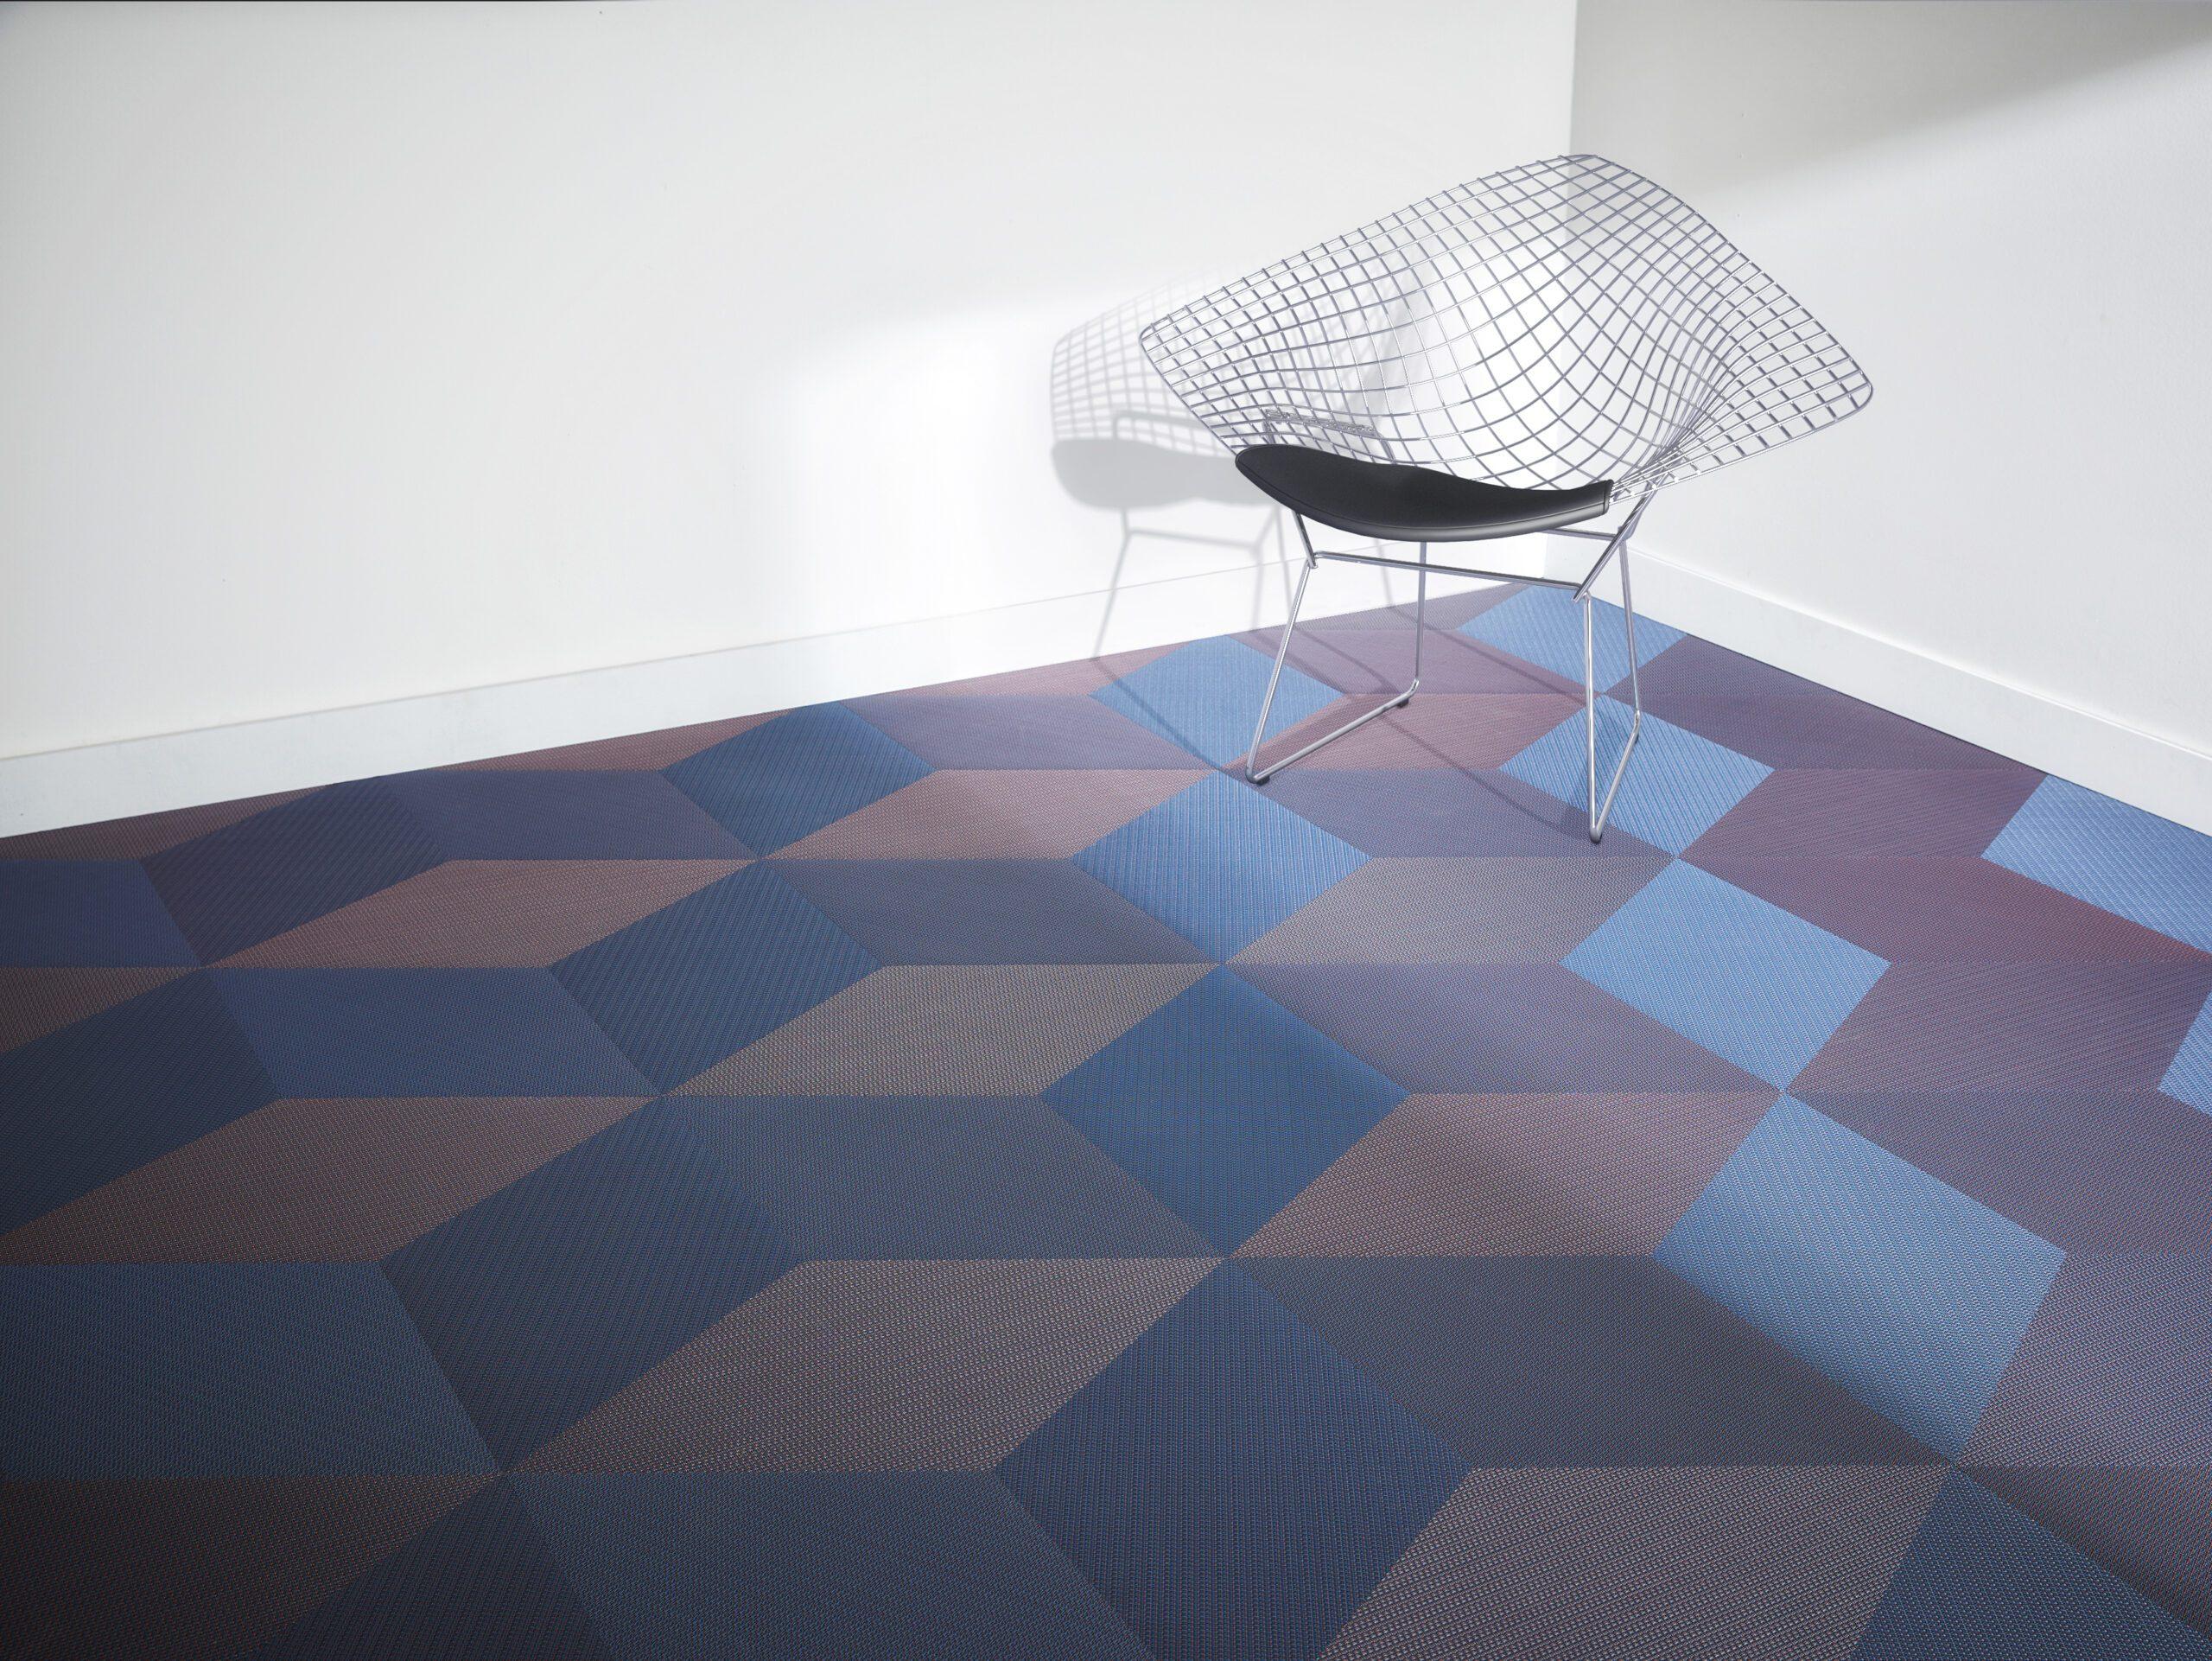 Dickson® Woven Flooring